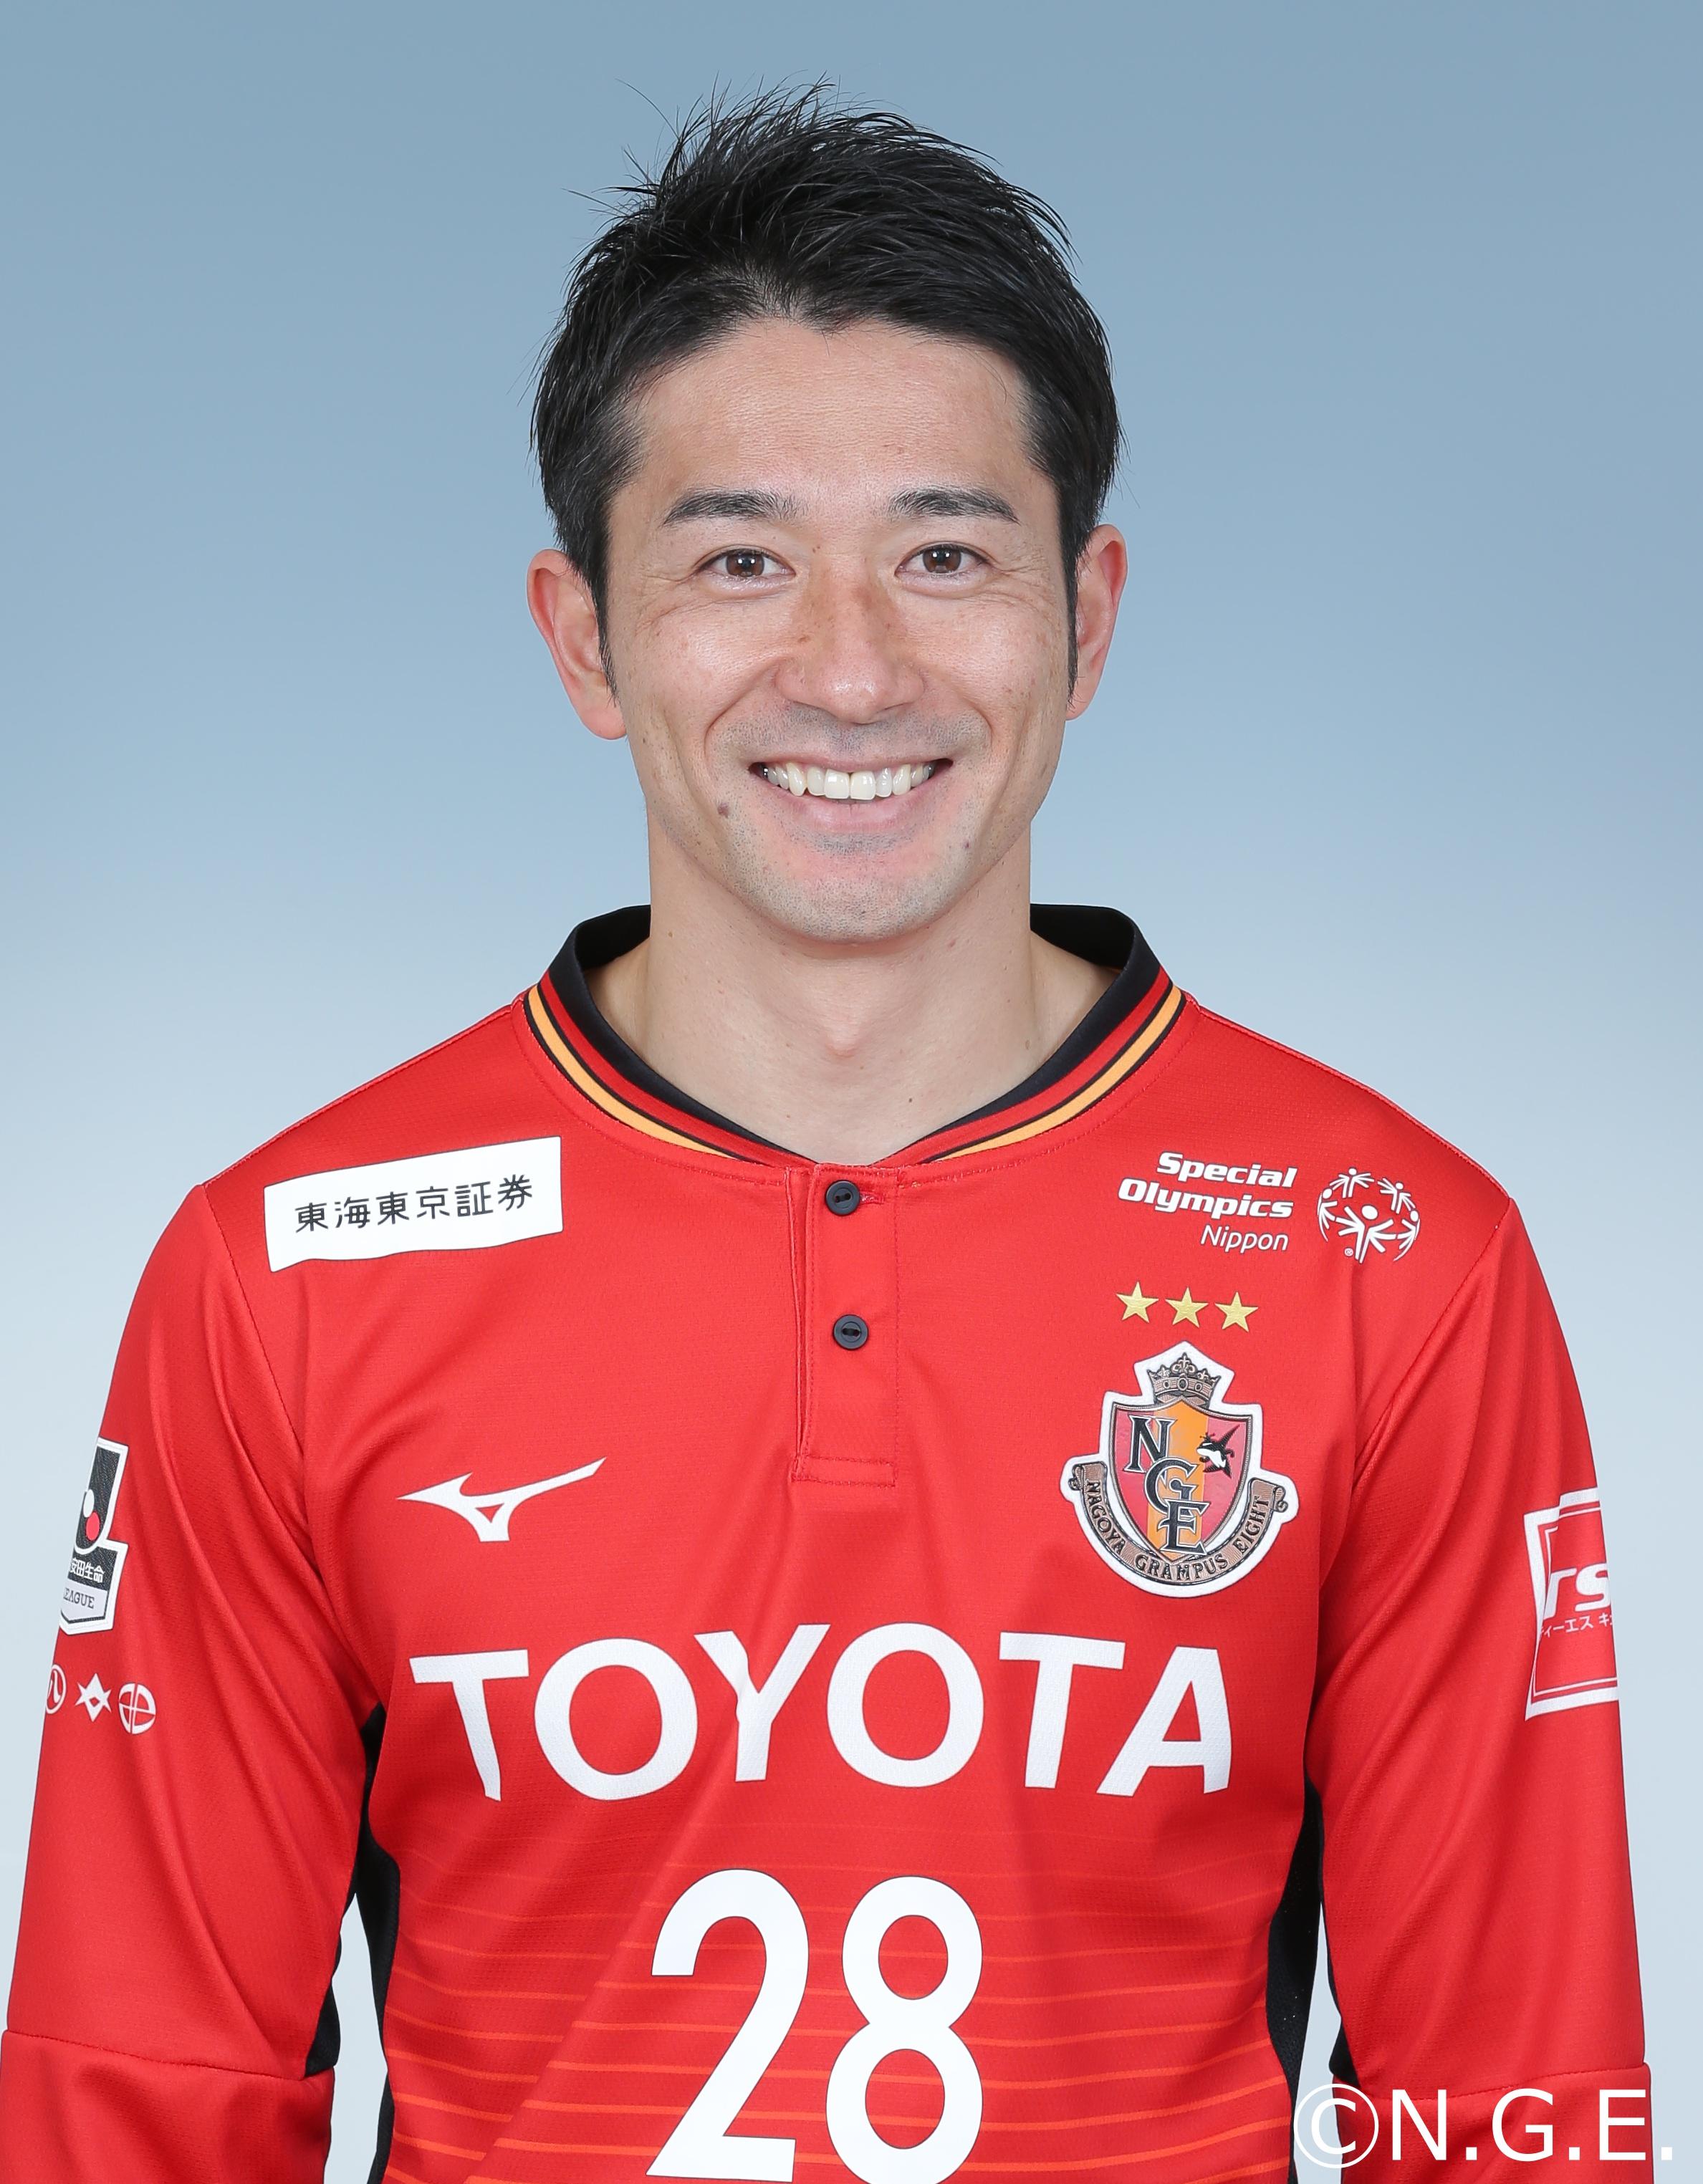 玉田 圭司選手 完全移籍加入のお知らせ サムネイル